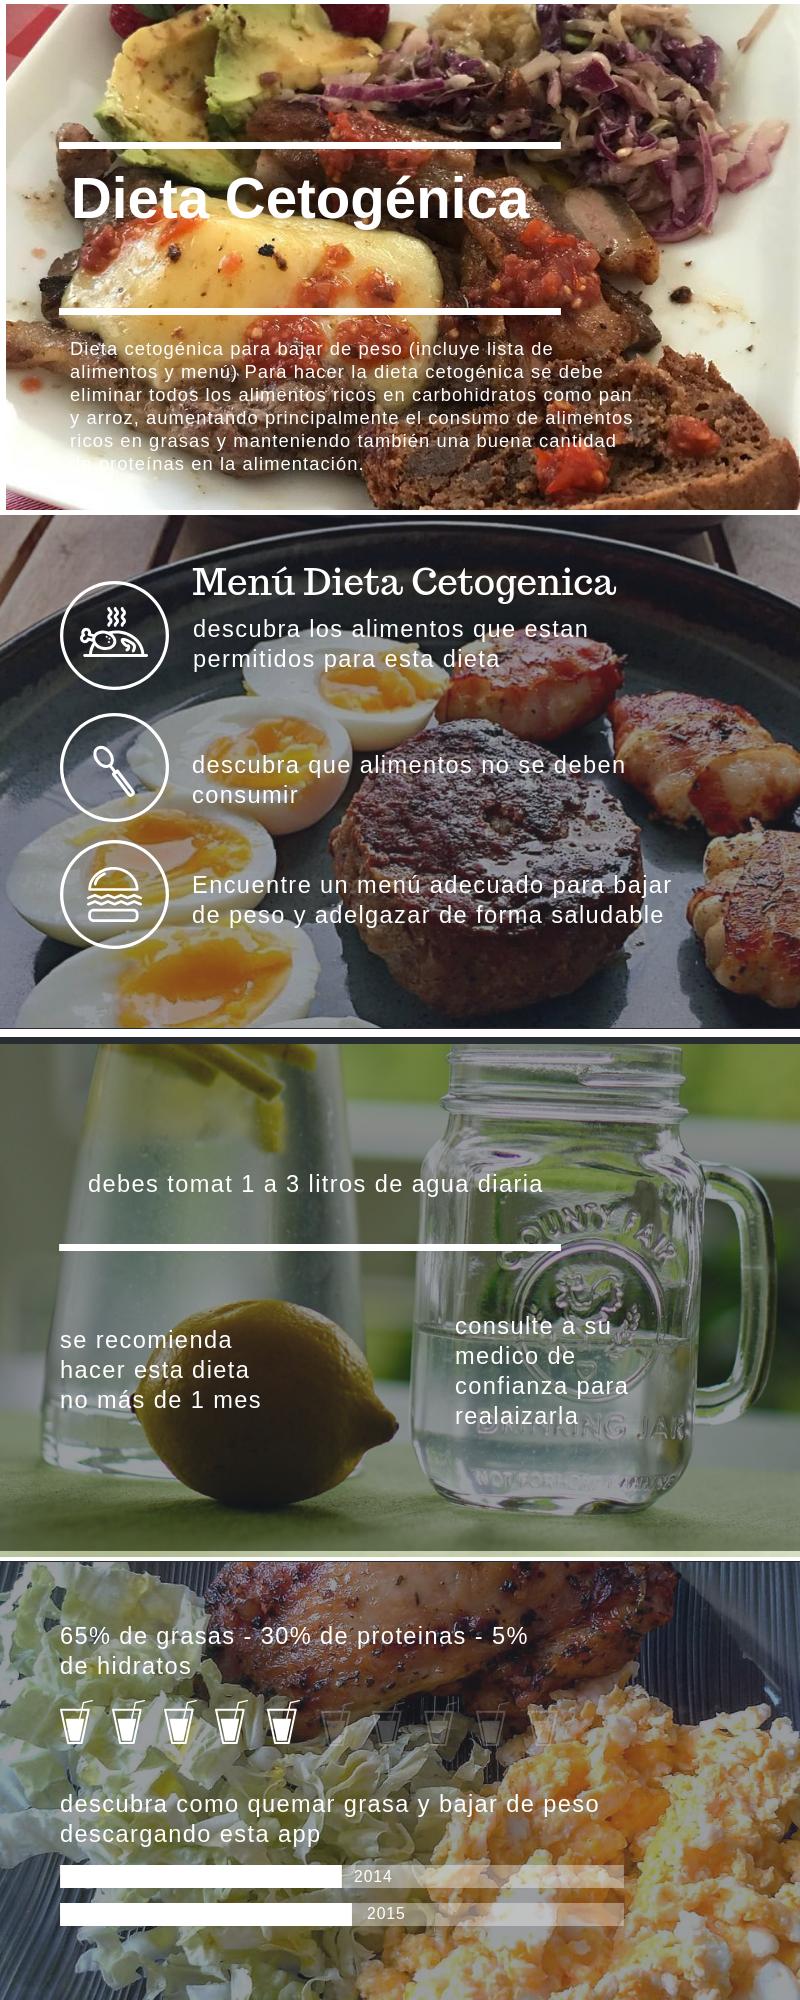 Dieta cetogenica - principiantes - menu - alimentos..